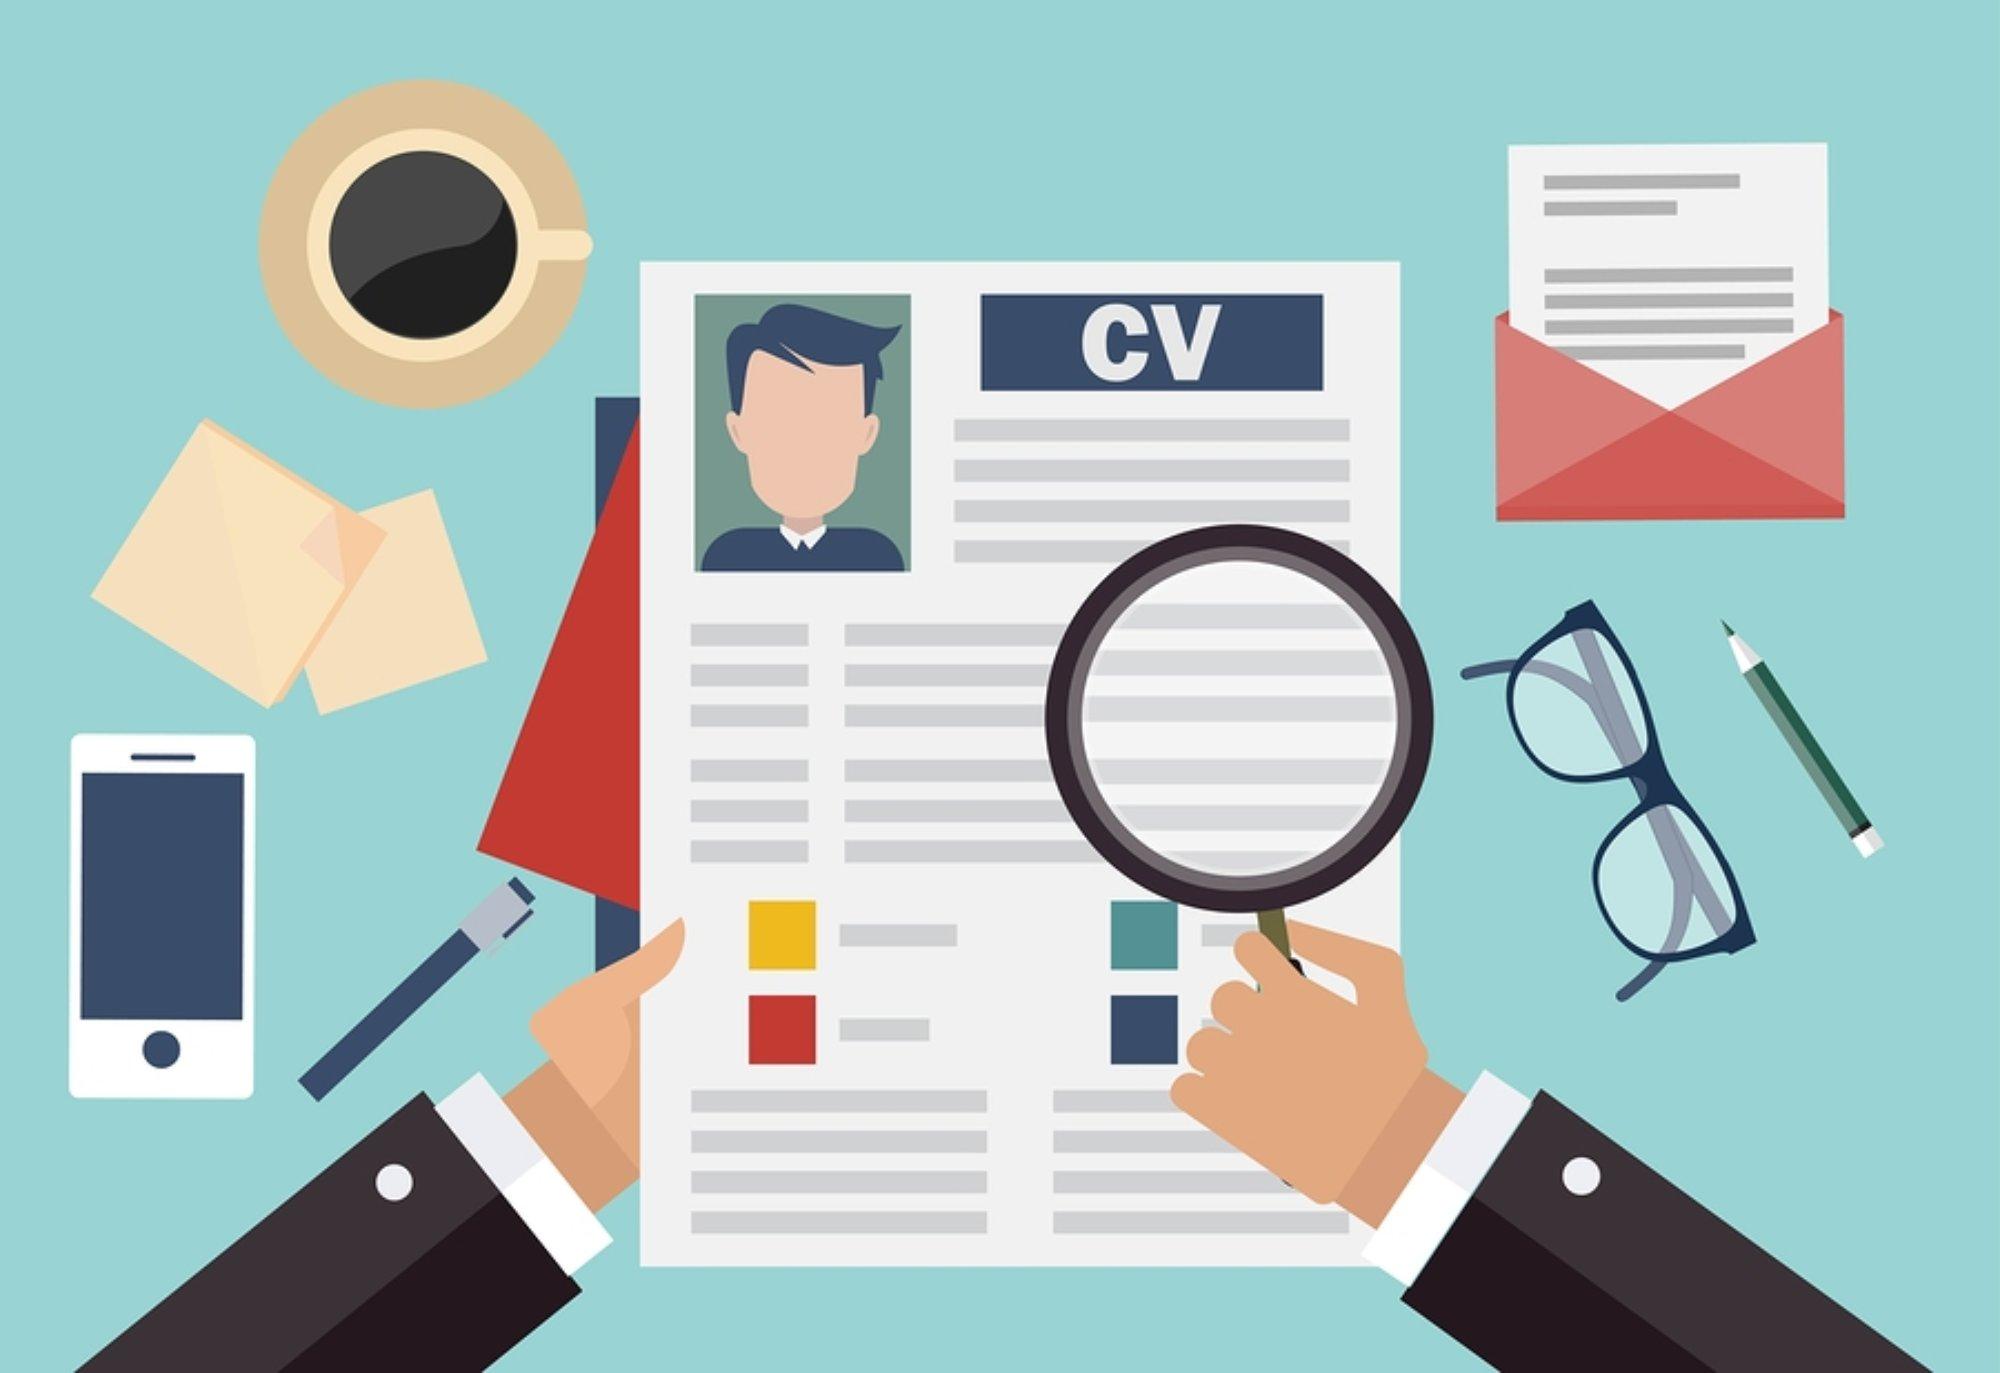 Trong hợp đồng lao động ghi mức lương theo quy chế trả lương của doanh nghiệp có đúng pháp luật không?